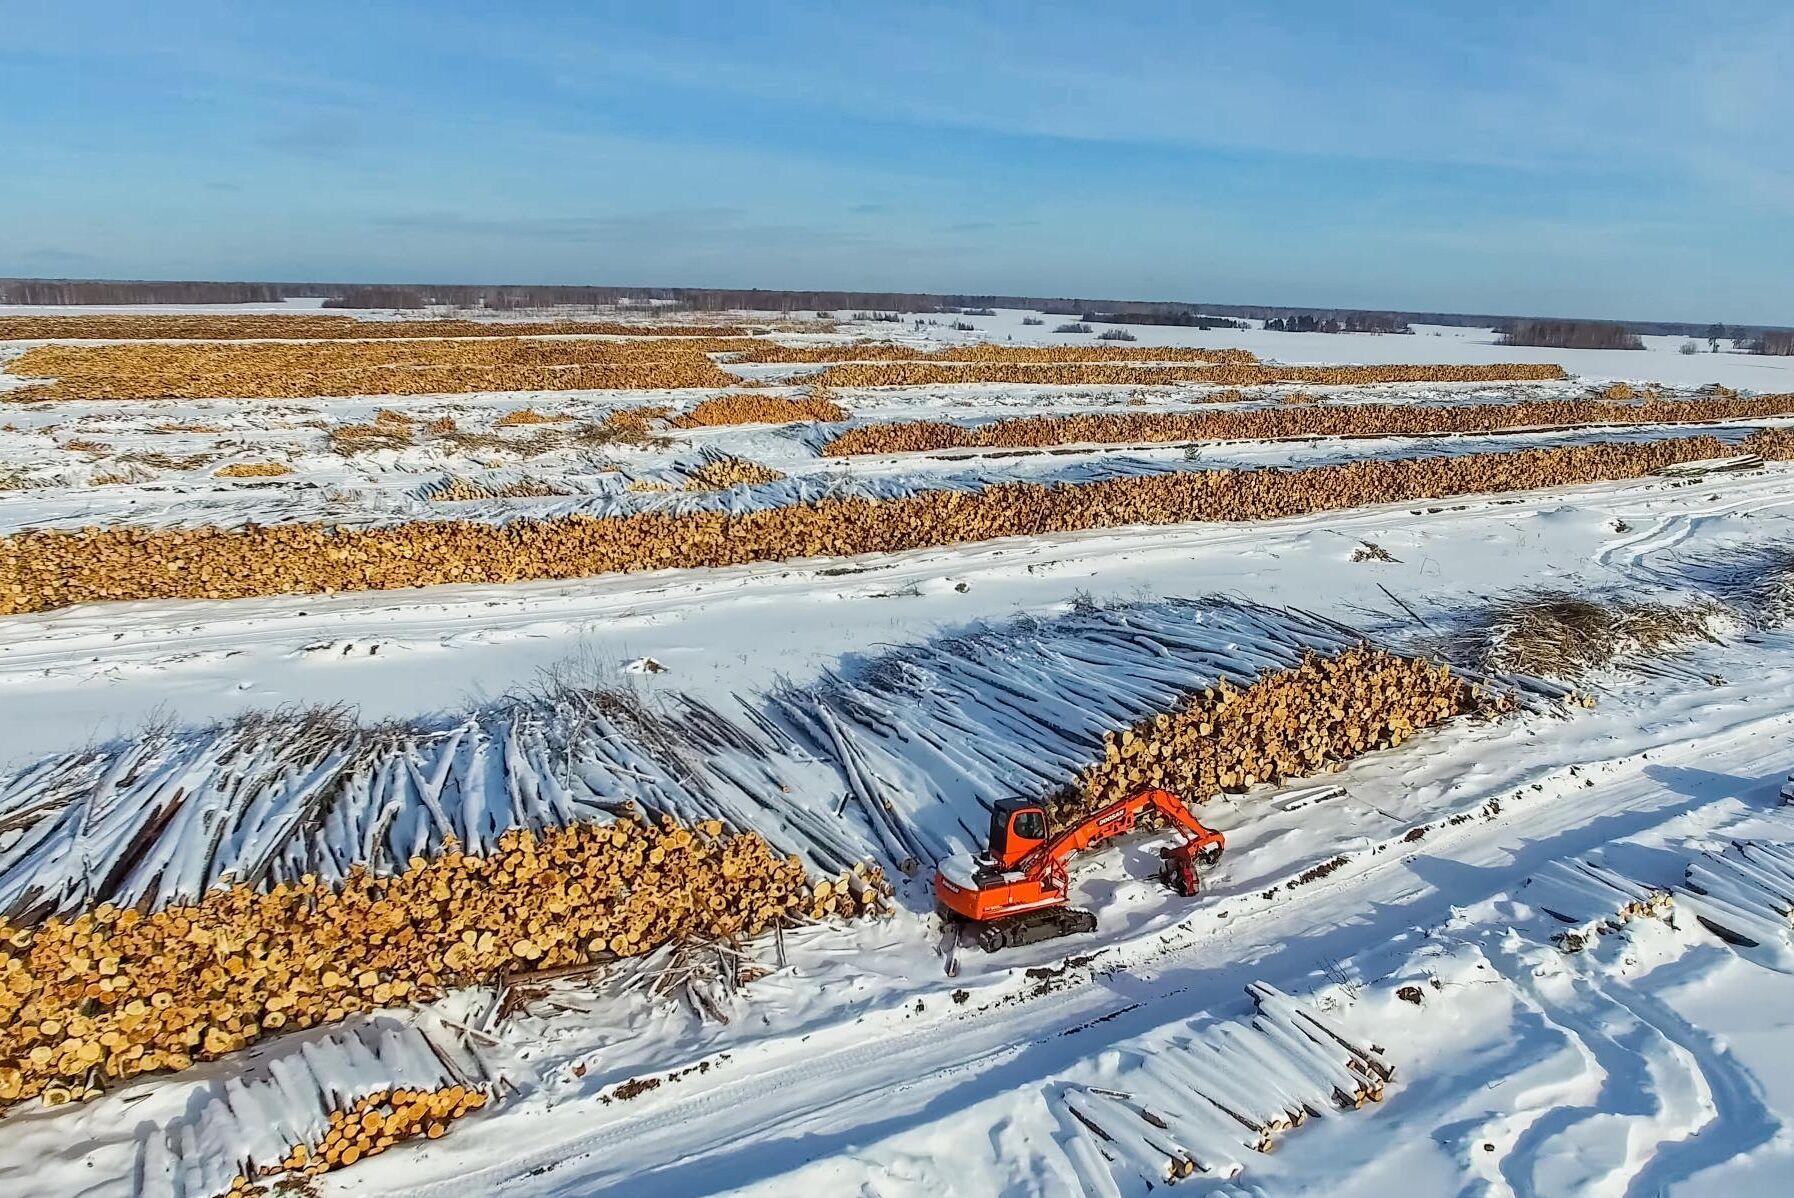 Rysslands planer på att minska exporten av rundvirke kan få effekter även för Sverige (bild från virkesupplag i Sibirien).